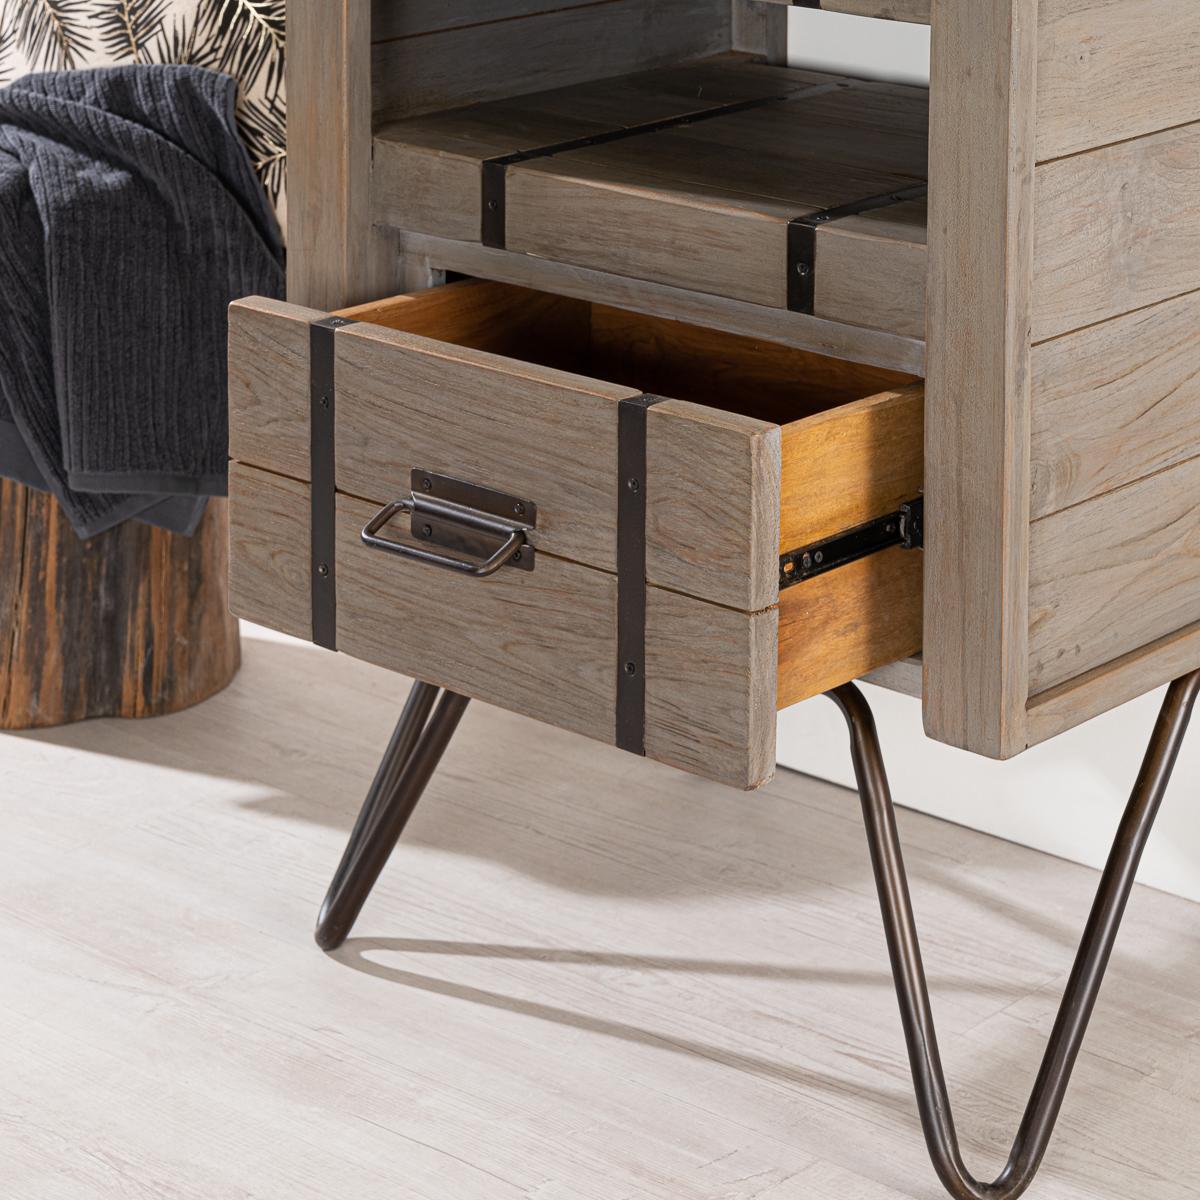 meuble de salle de bain loft en mindi et m tal 60 cm gris. Black Bedroom Furniture Sets. Home Design Ideas